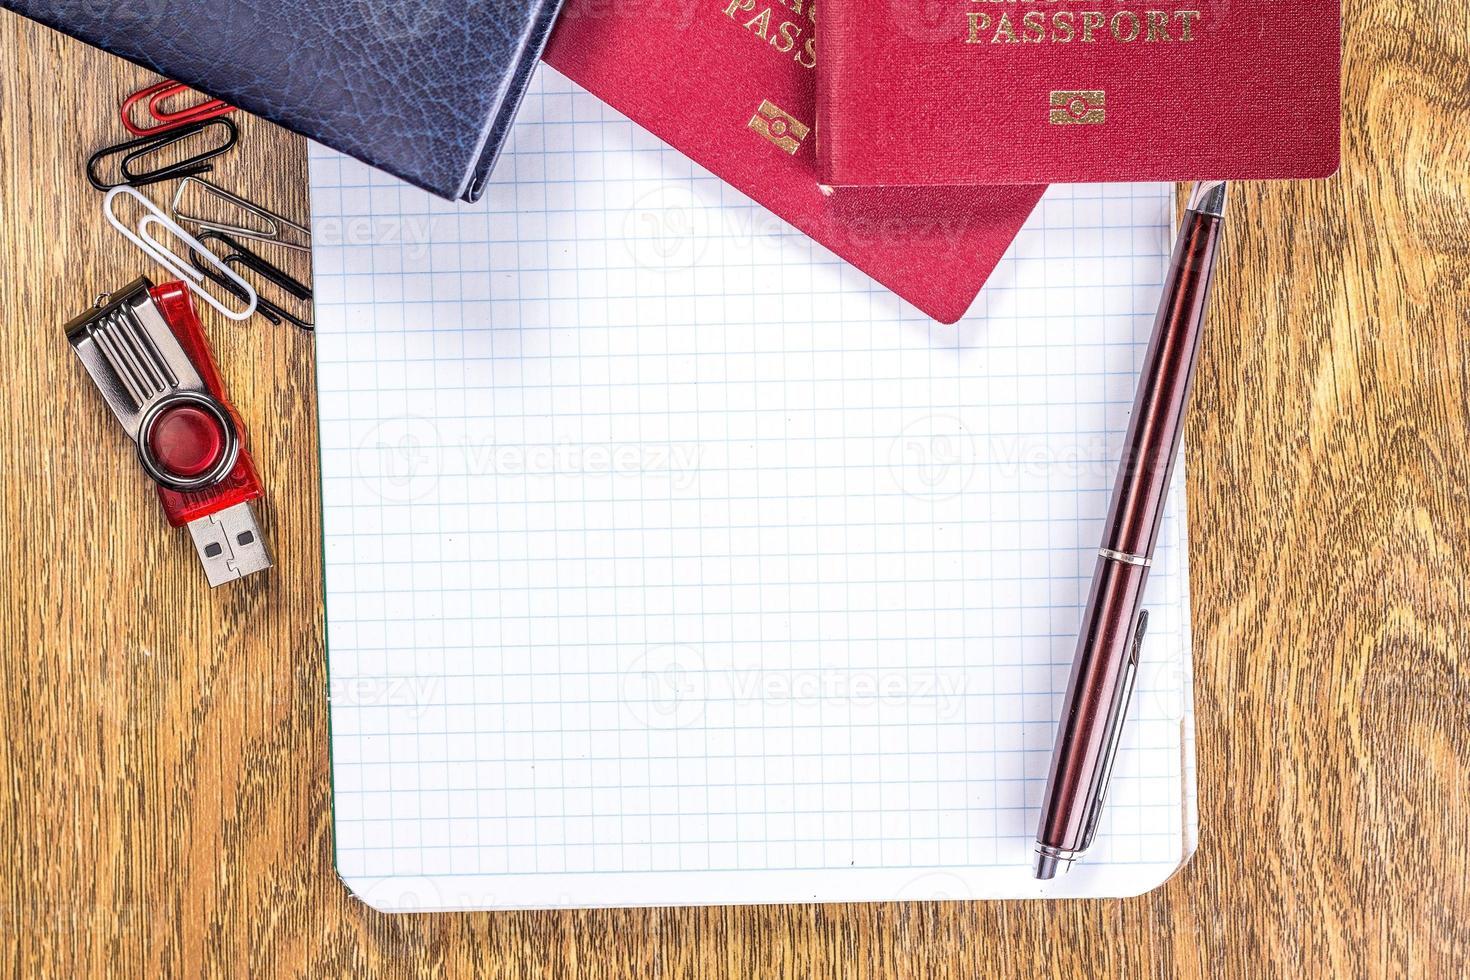 geöffnetes Notizbuch auf leerer Seite auf hölzernem Desktop-Hintergrund foto